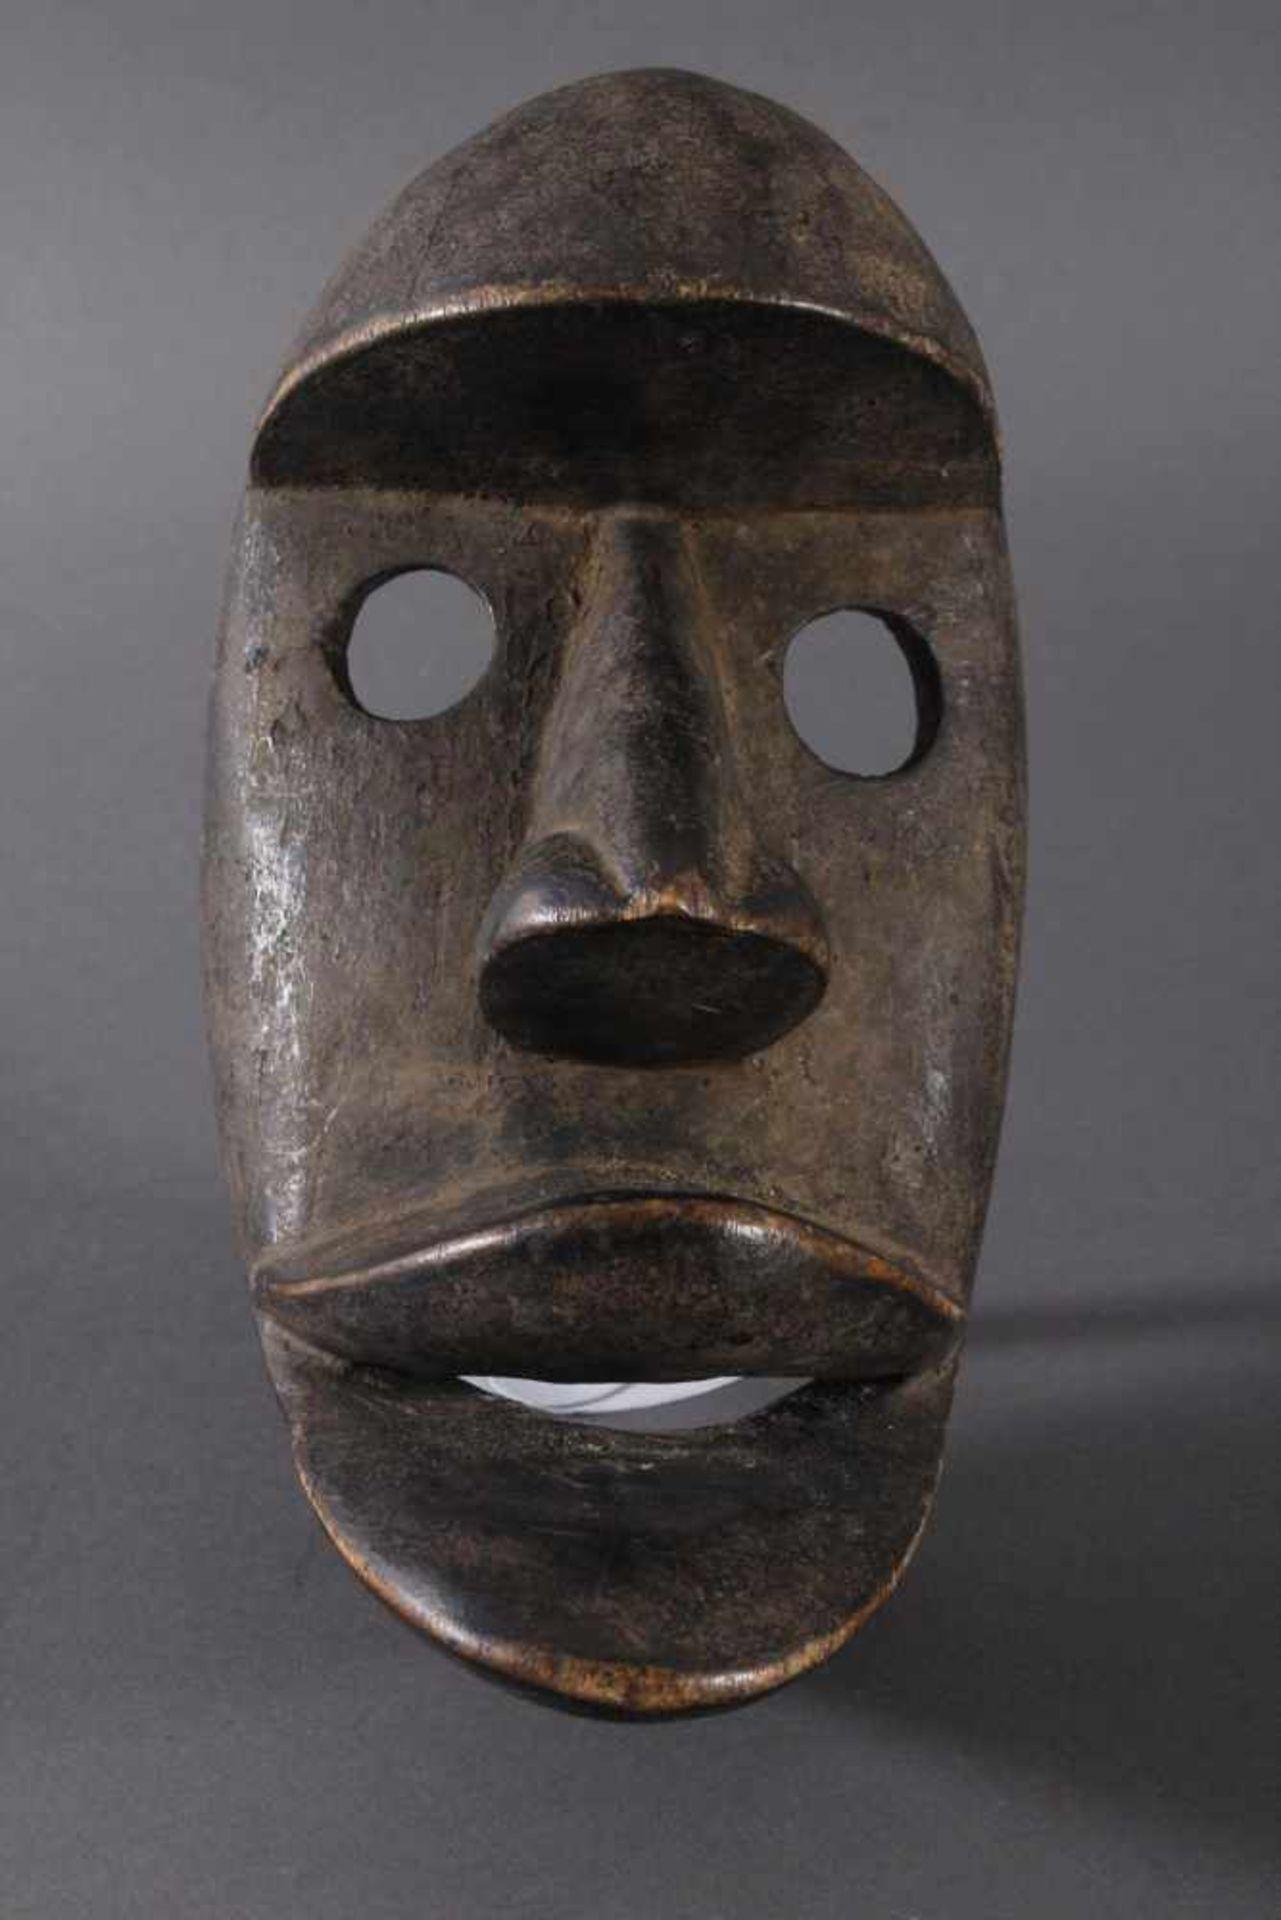 Antike Maske der Dan-Kran, Elfenbeinküste 1. Hälfte 20. Jh.Holz geschnitzt, dunkle Patina ,nach